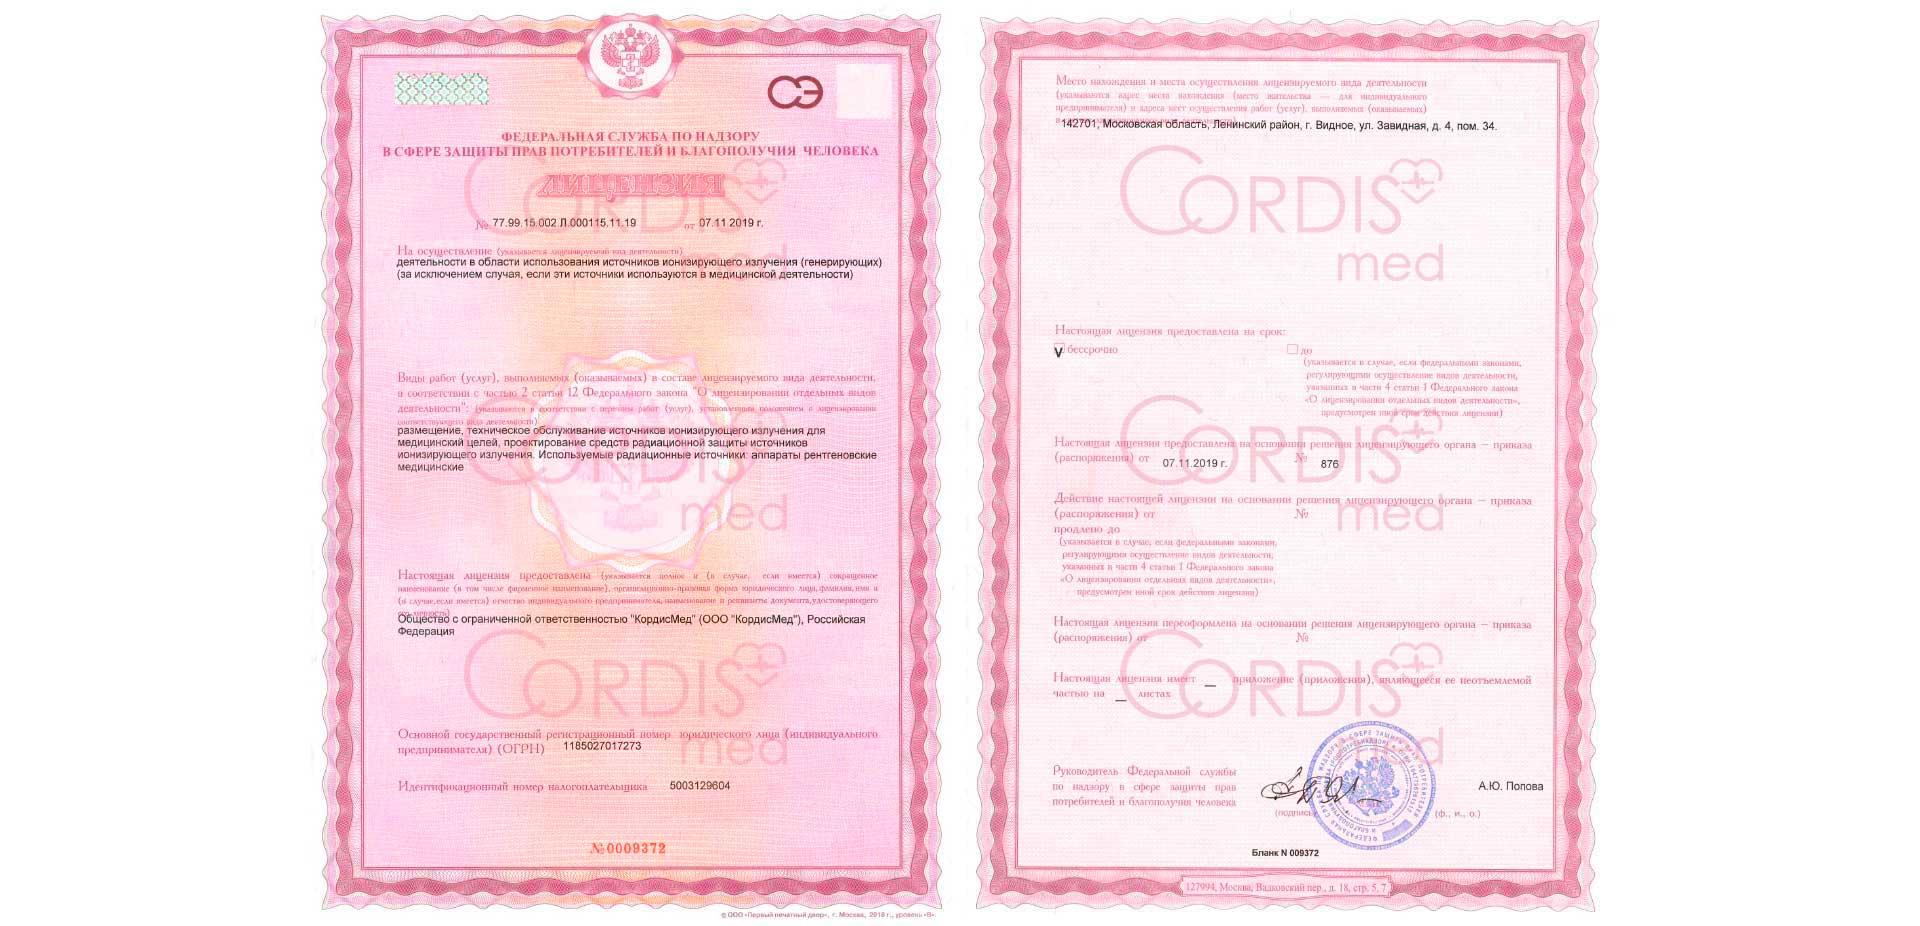 Лицензия ИИИ (Рентген. Источники Ионизирующего Излучения) № 77.99.15.002.Л.000115.11.19